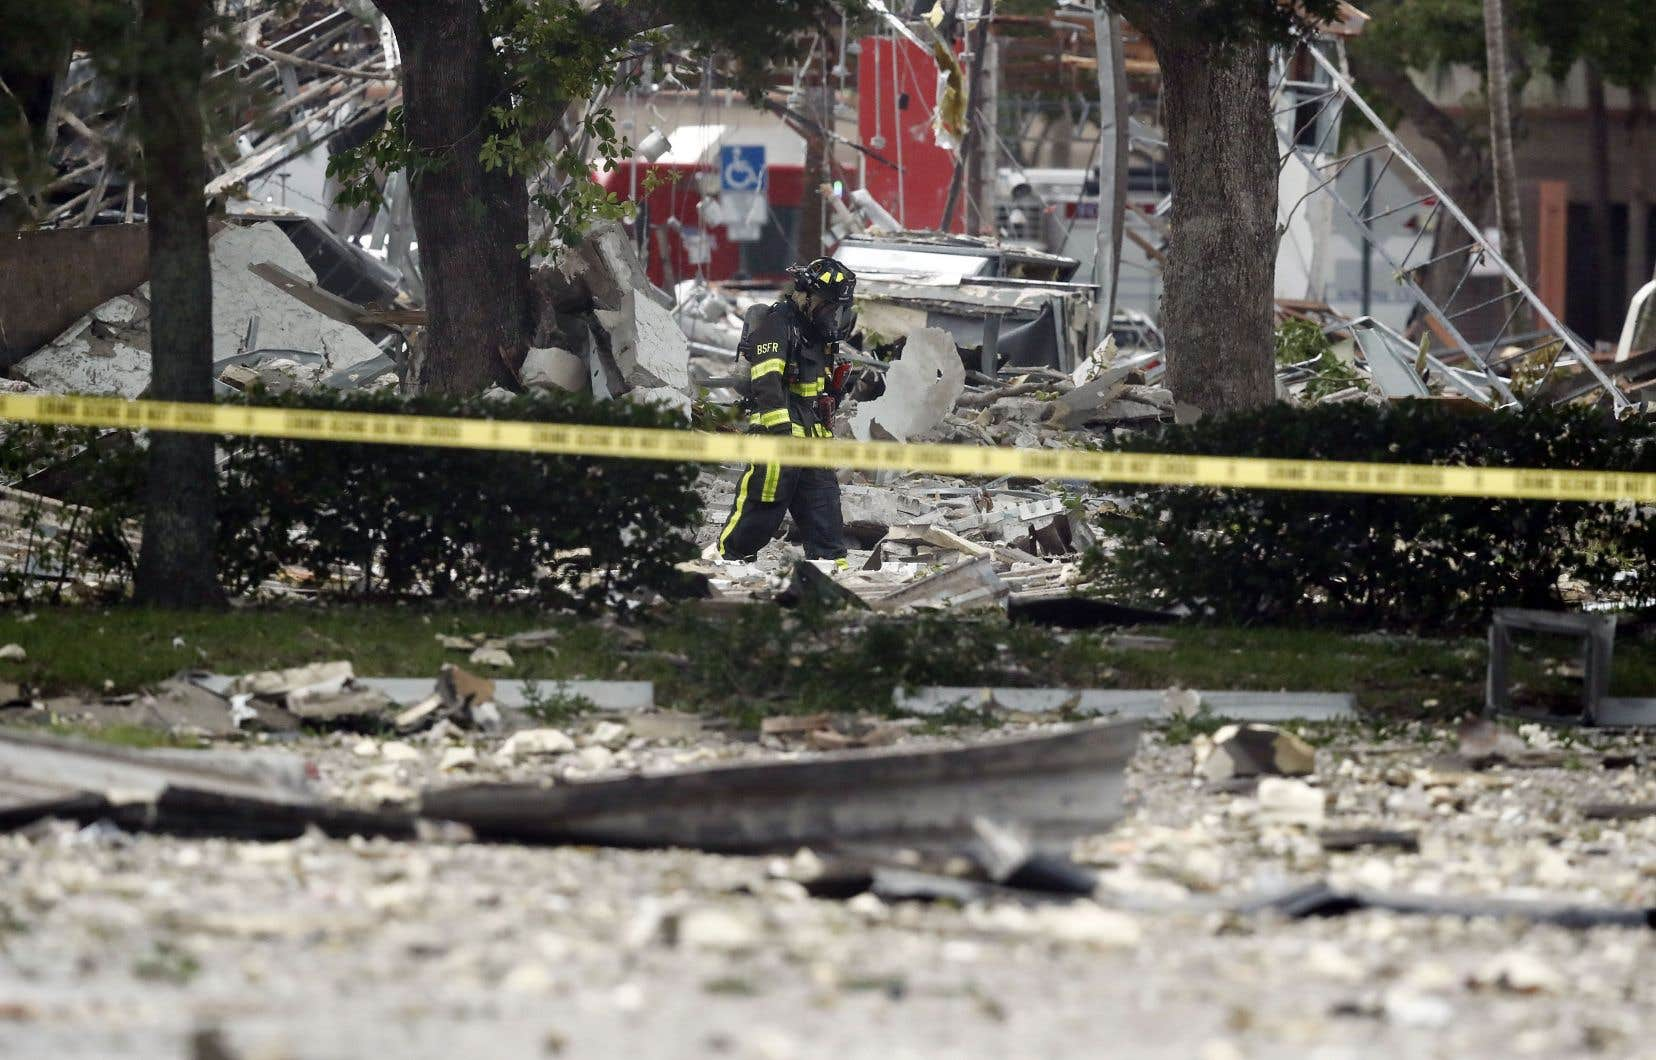 Les secours fouillaient toujours les lieux alors que la zone a été bouclée par la police.